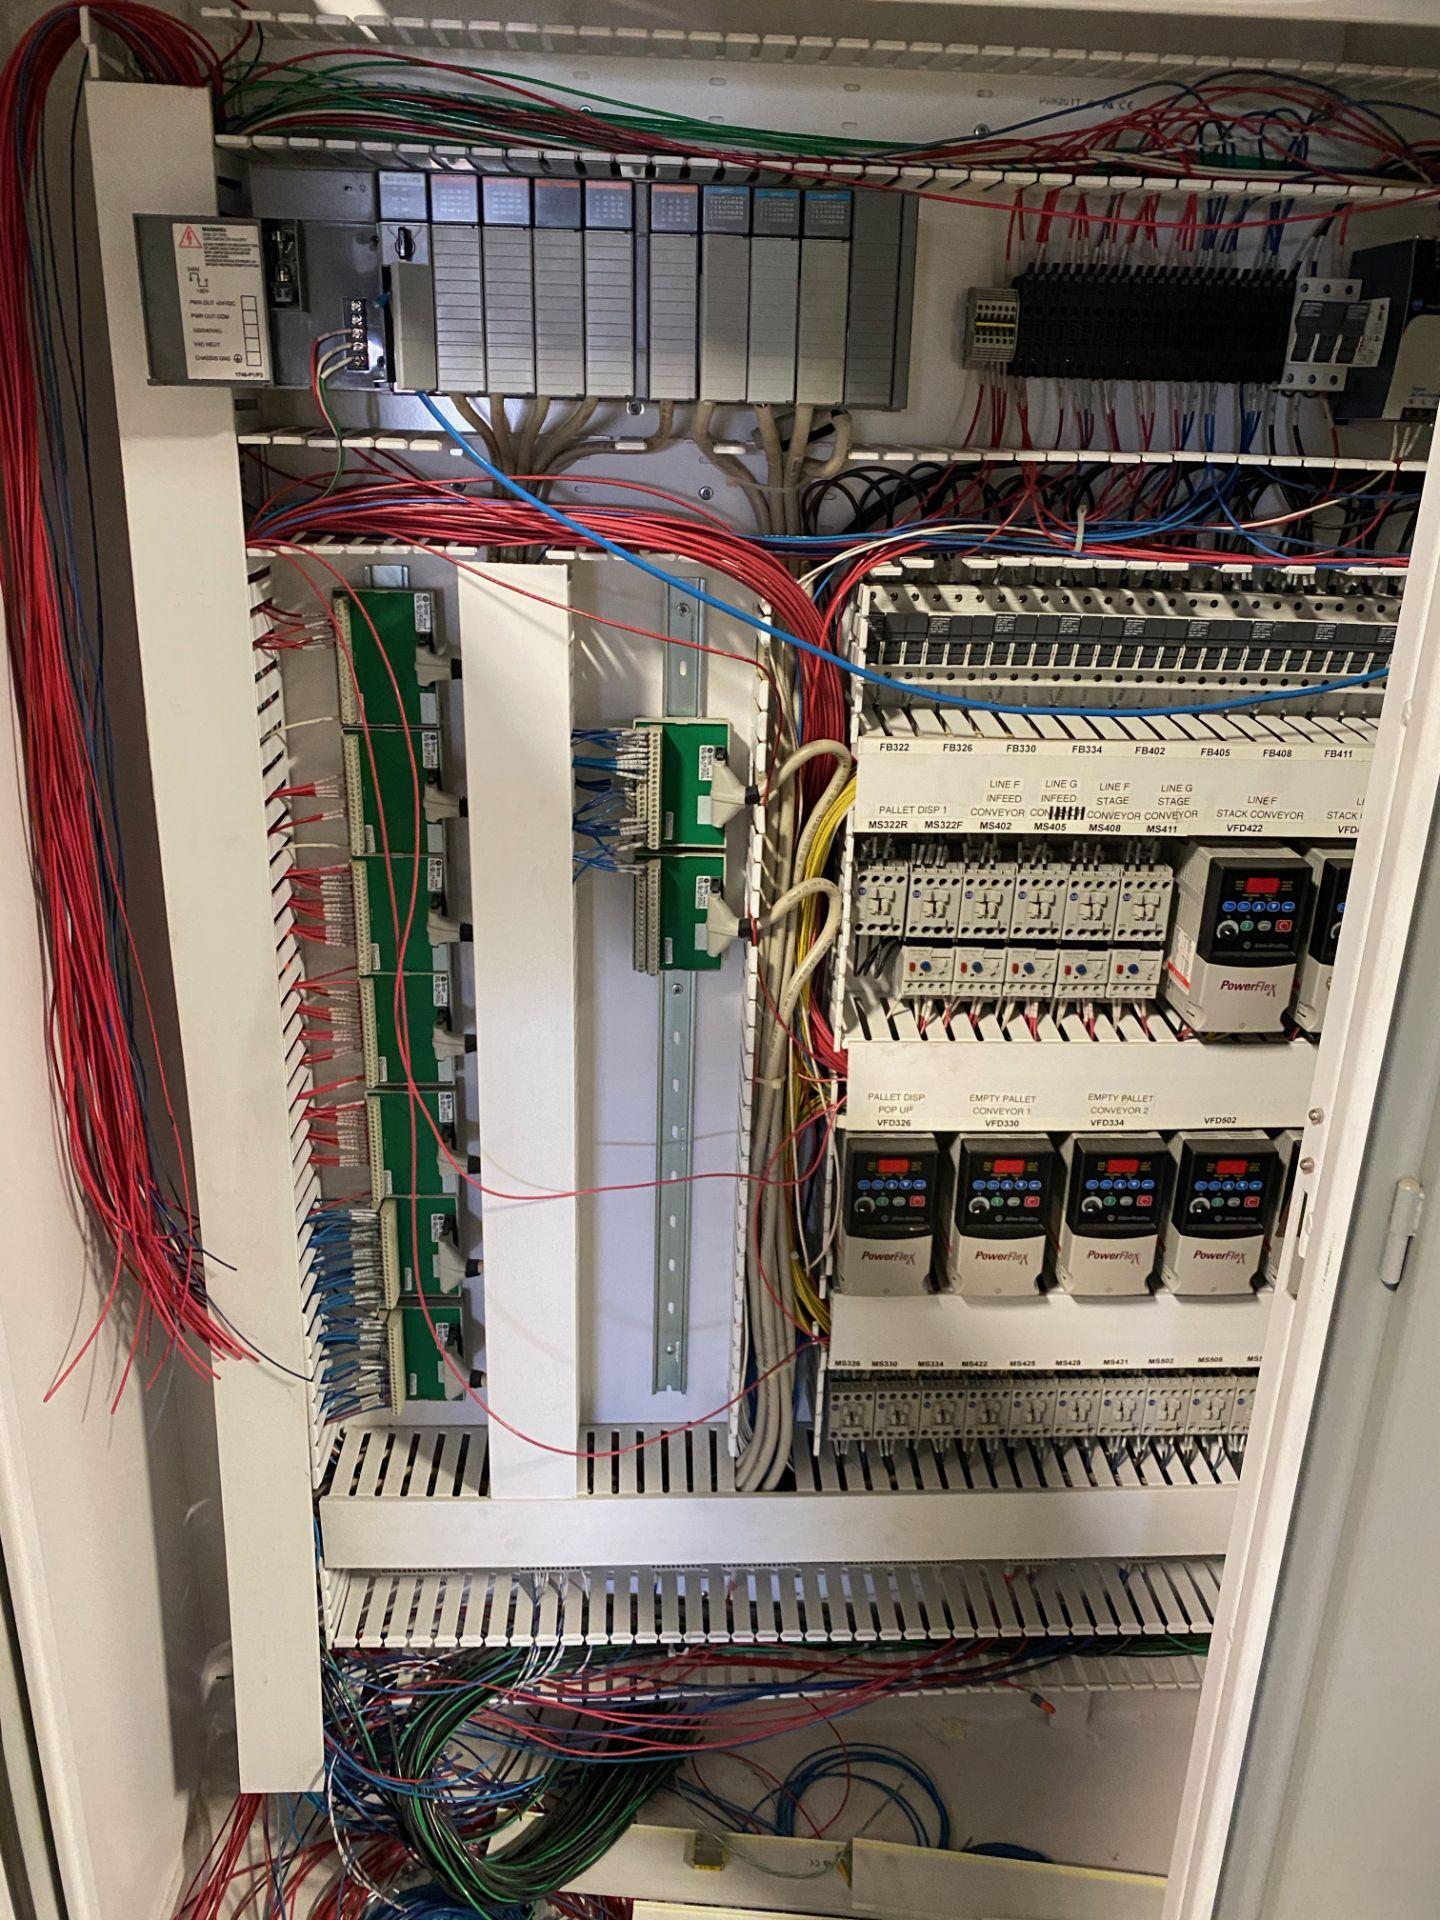 Lot 26 - Case Conveyor Control Panel